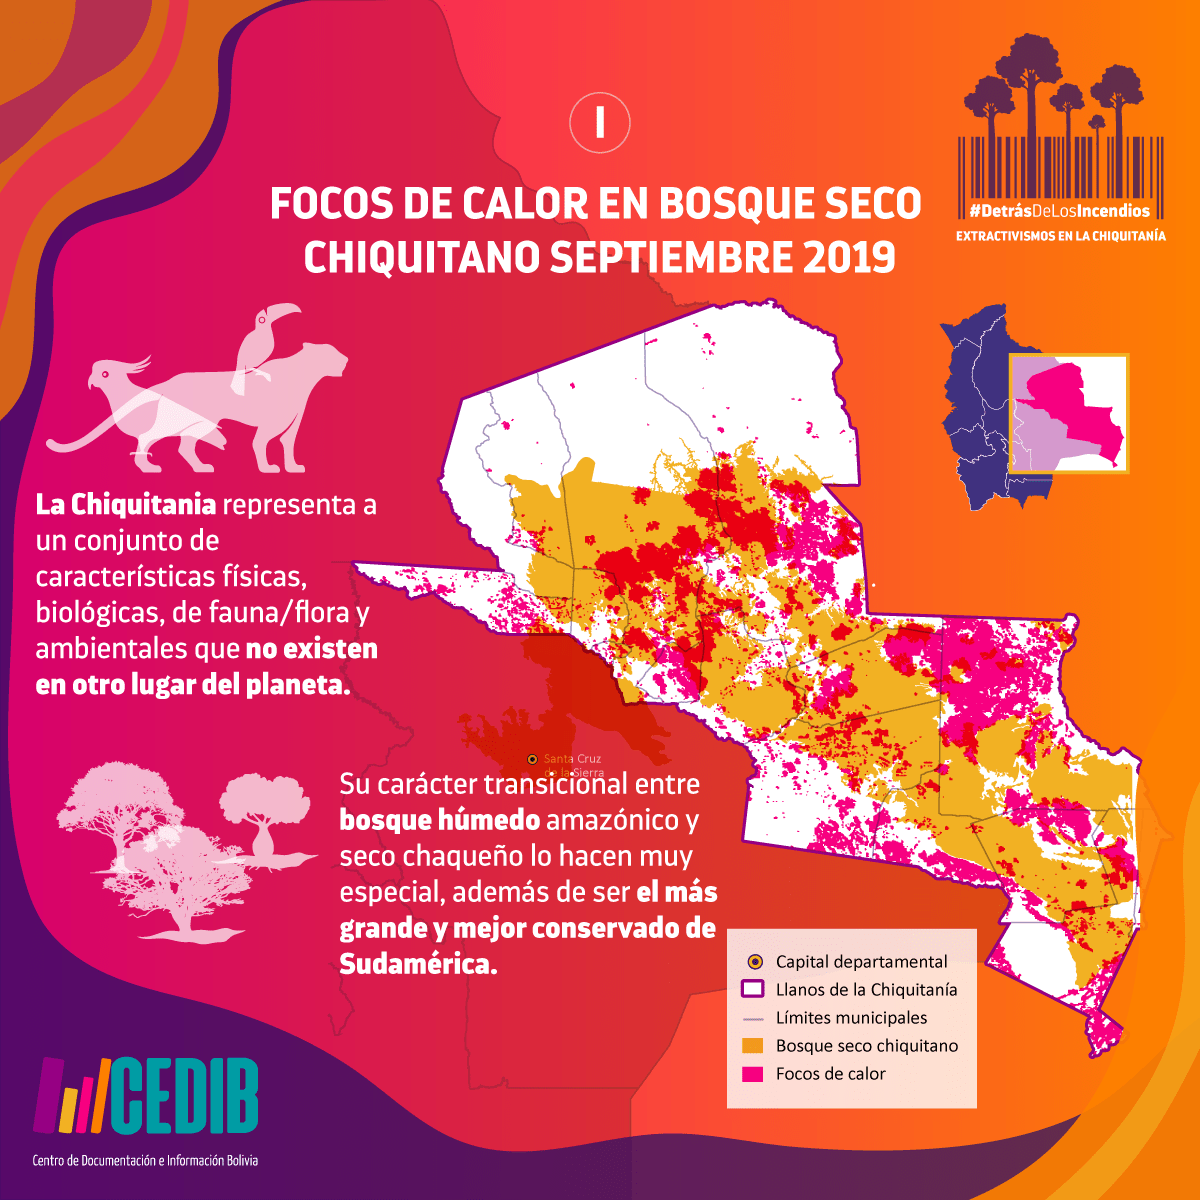 Focos de calor en el bosque seco Chiquitano 2019